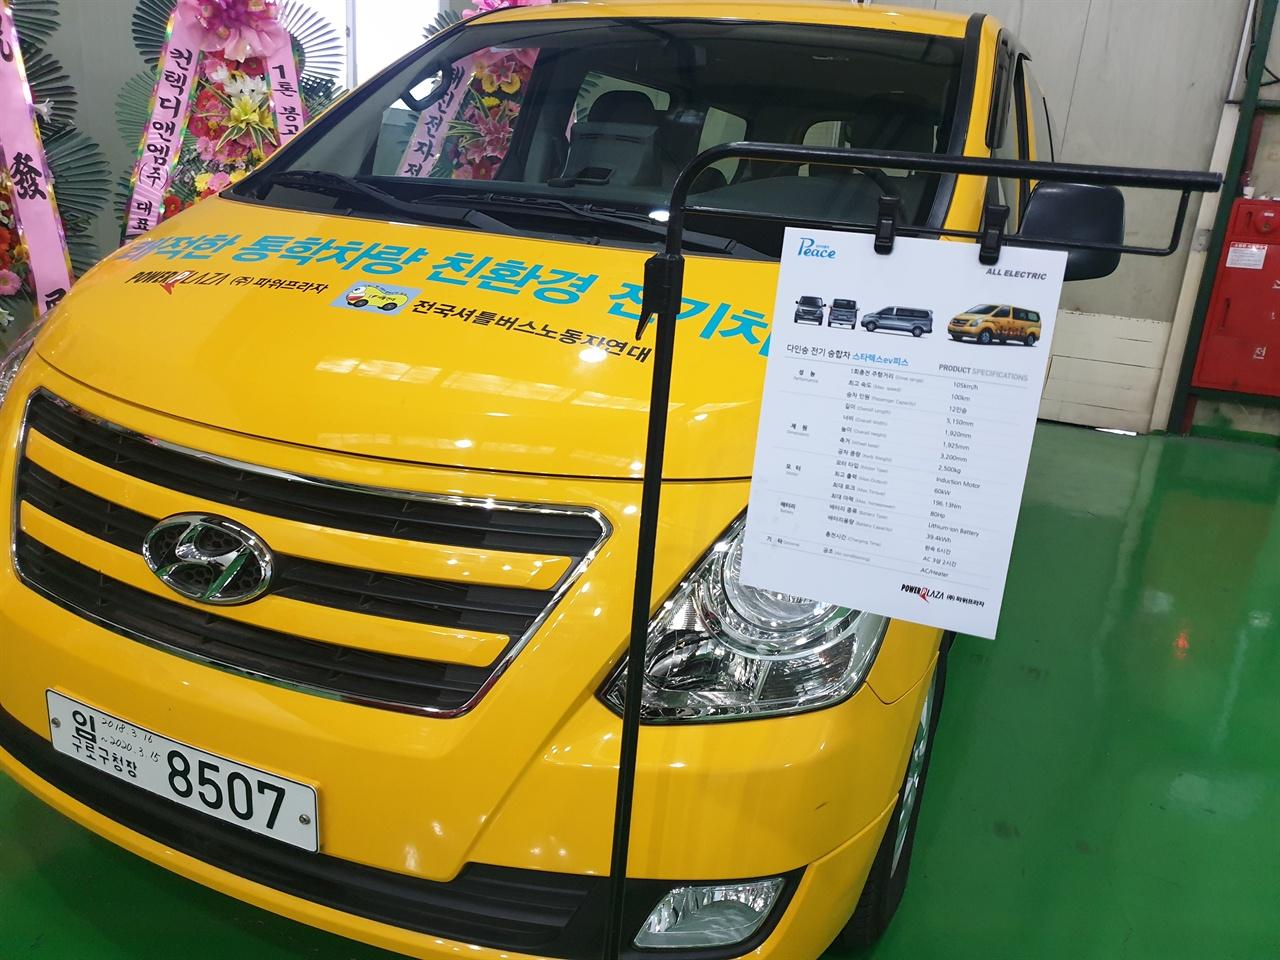 스타렉스ev(전기셔틀버스) 1톤 전기화물차 봉고3ev피스 전기화물차 출시기념행사장에 전시된 스타렉스ev(전기셔틀버스). 기념행사는 5일 오후 서울 금천구 소재 EV독산공장에서 열렸다.